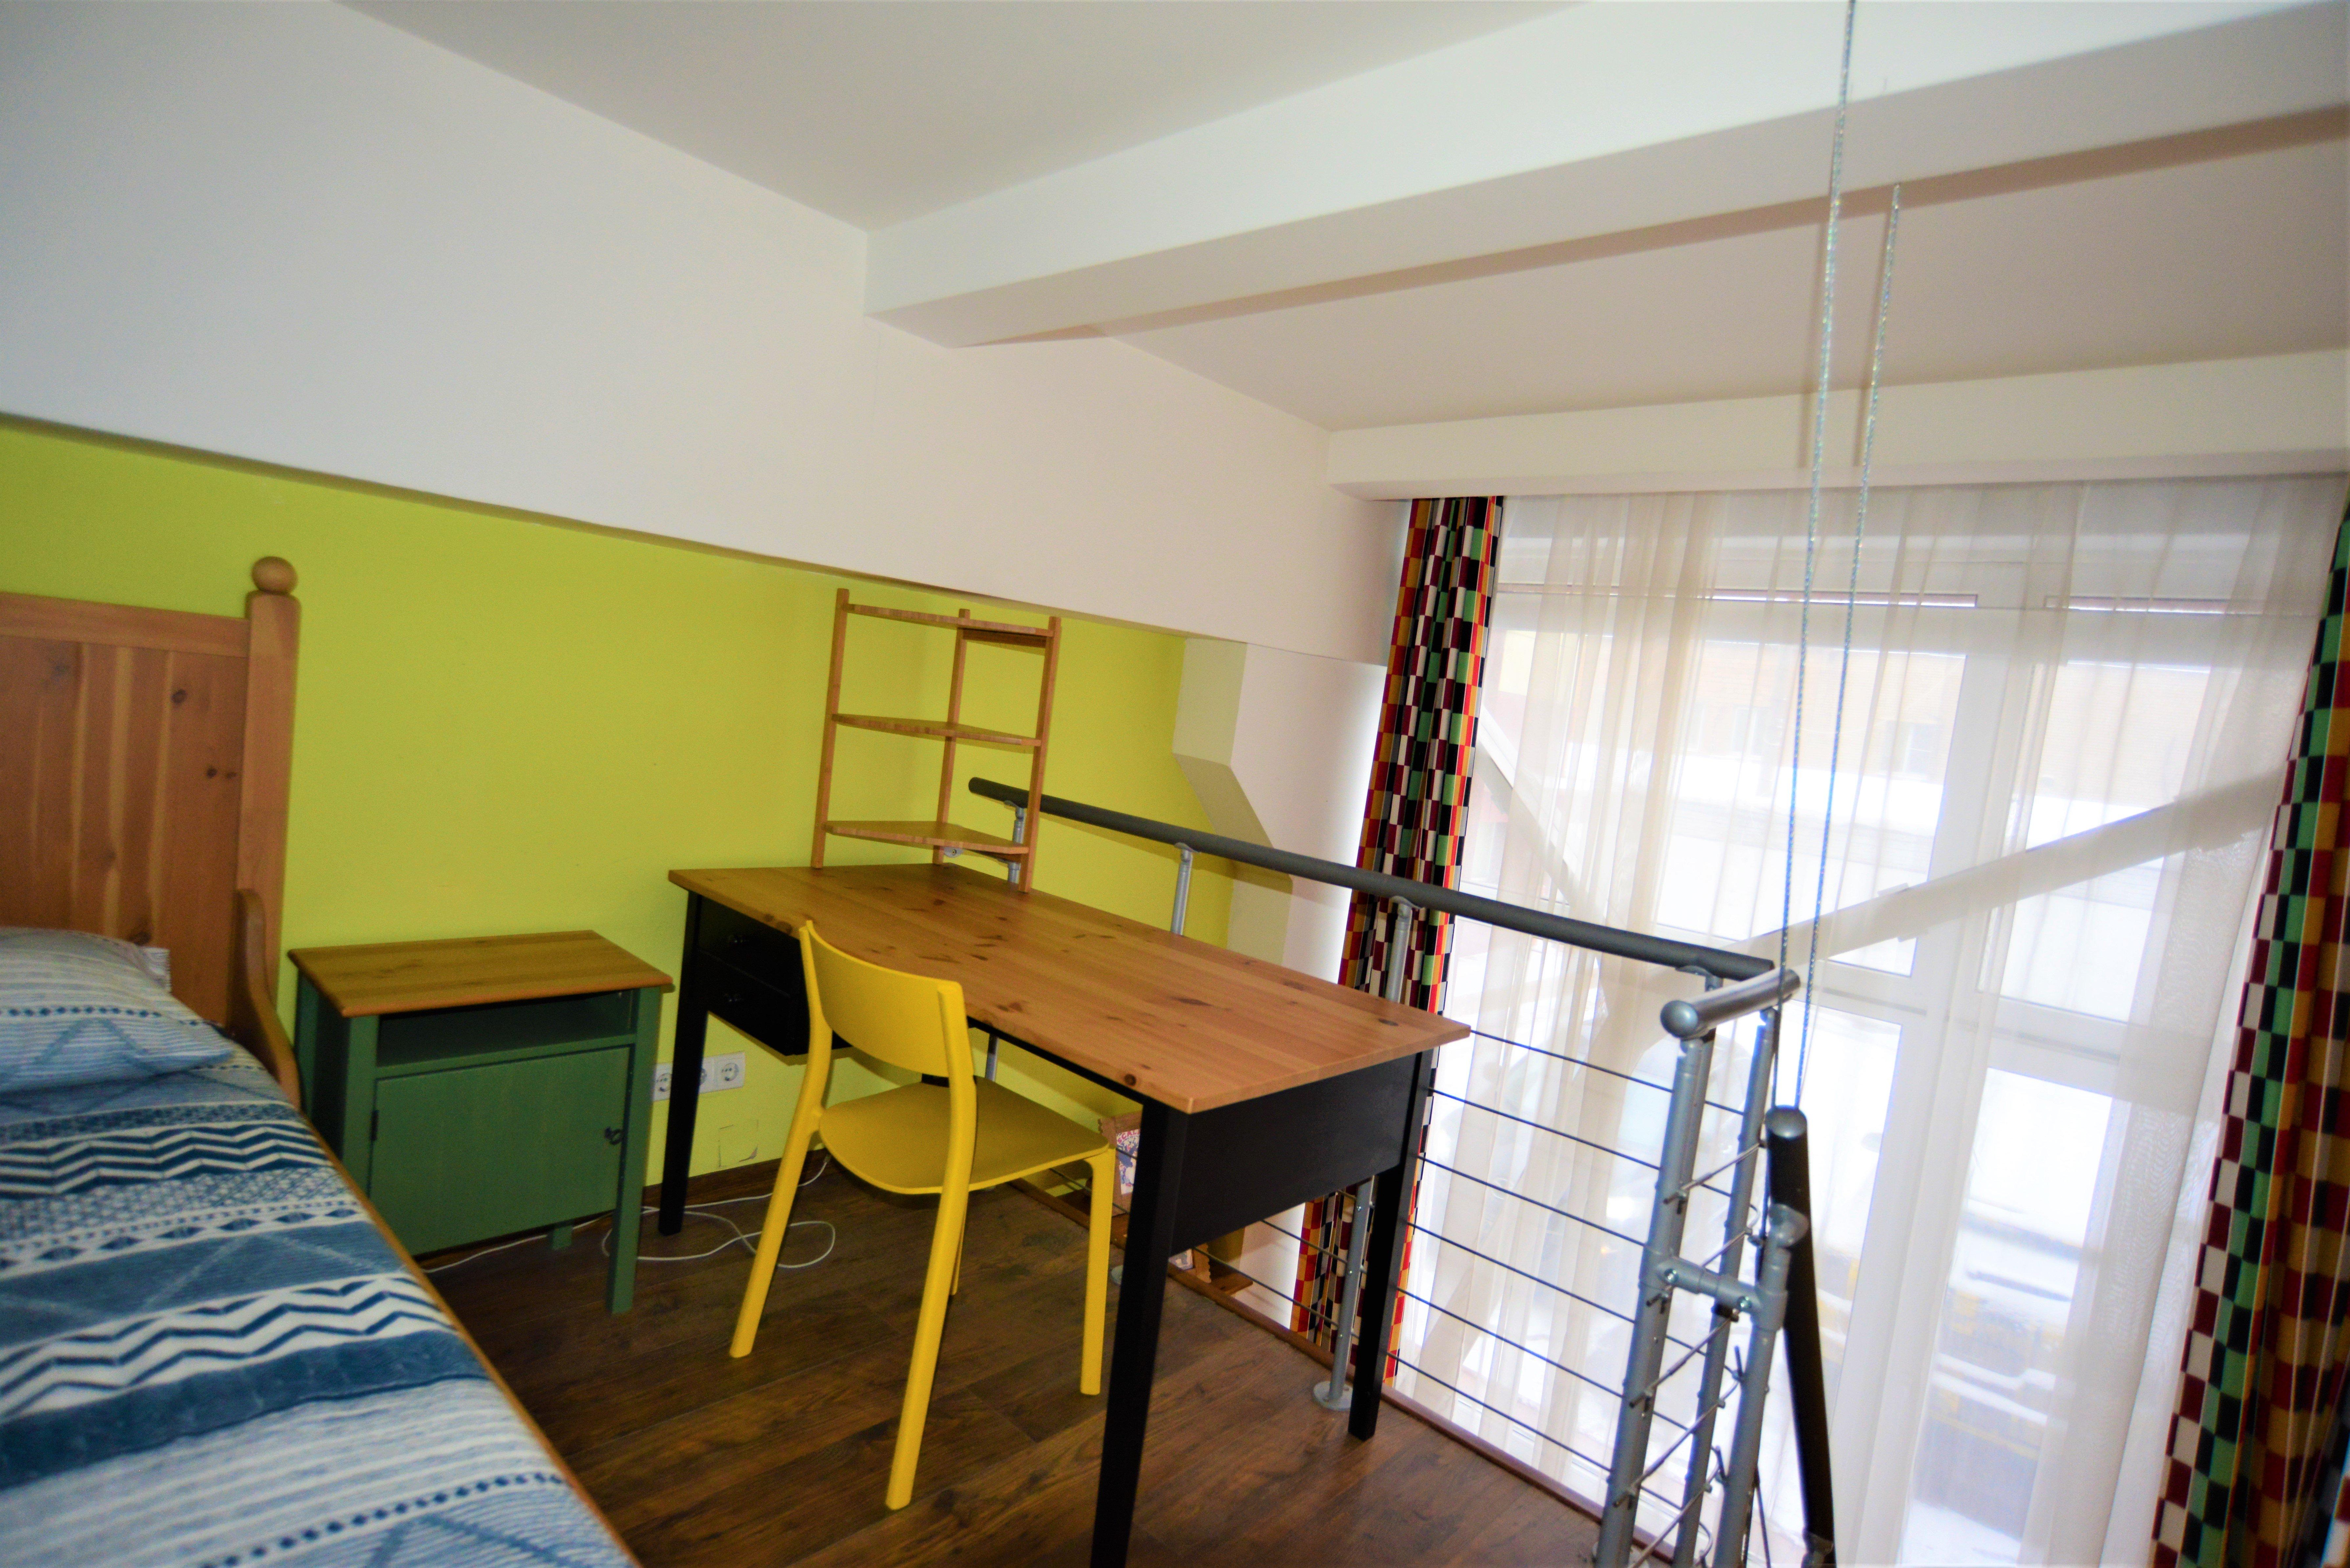 dvuhurovnevye-apartamenty-medvedkovo-07